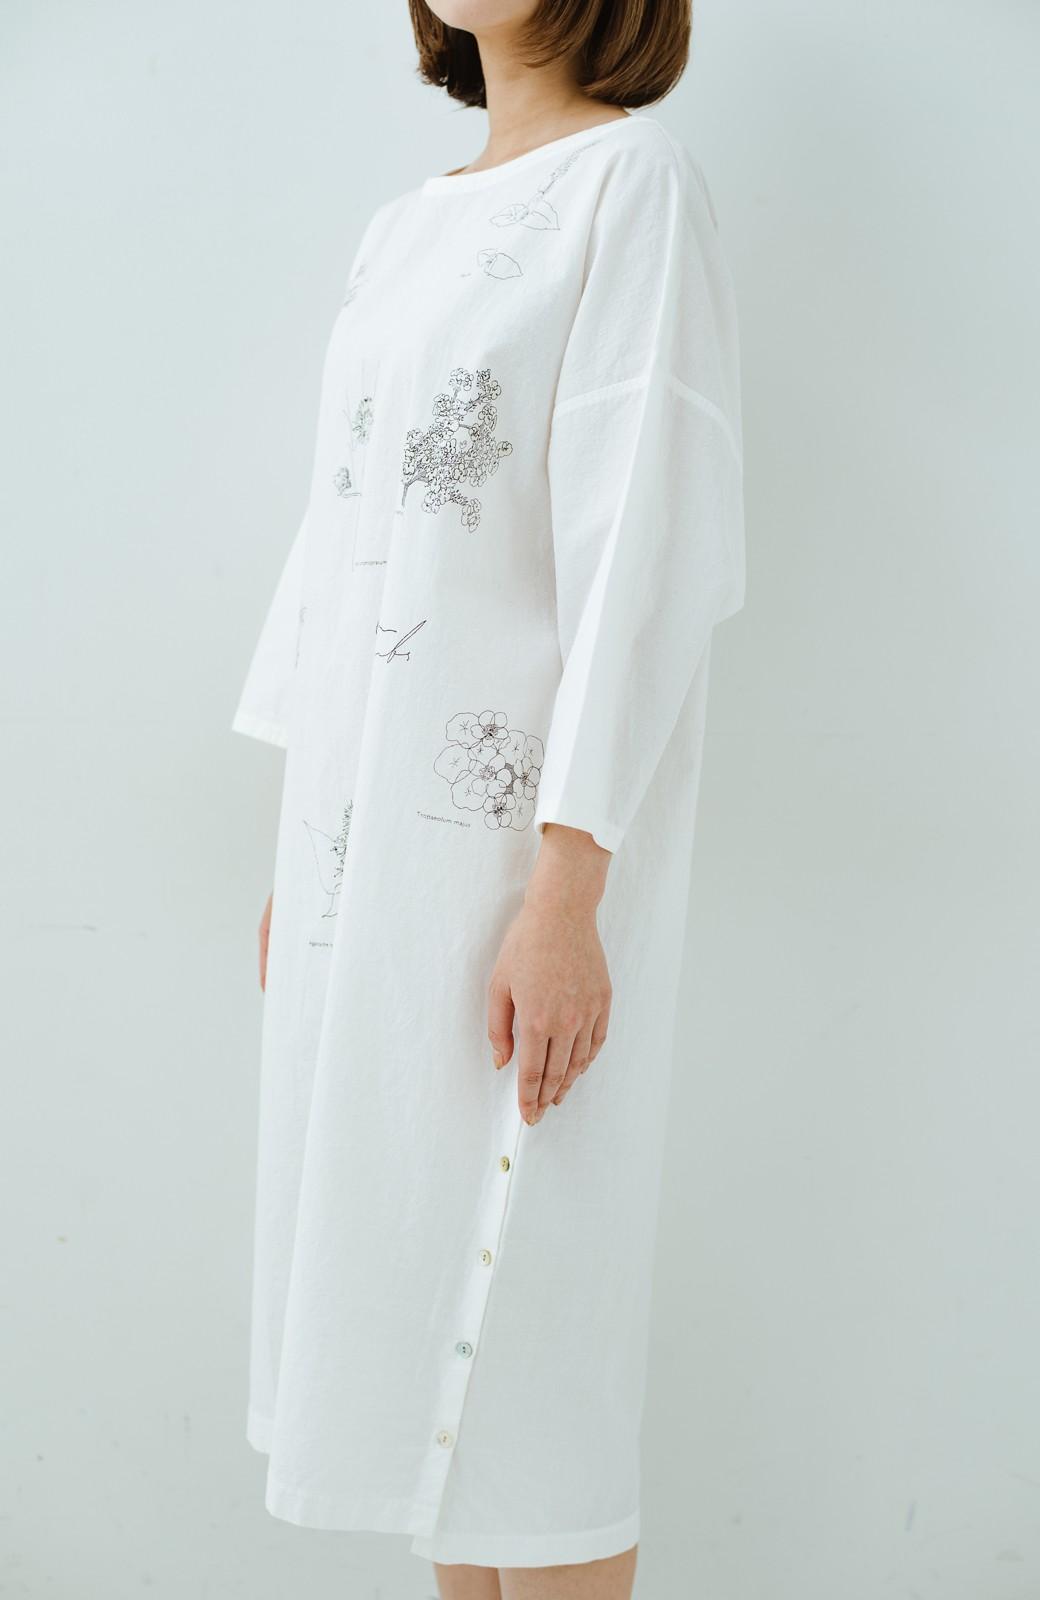 haco! てとひとて Miho Umezawa ガーデンハーブドルマンチュニック <オフホワイト>の商品写真3